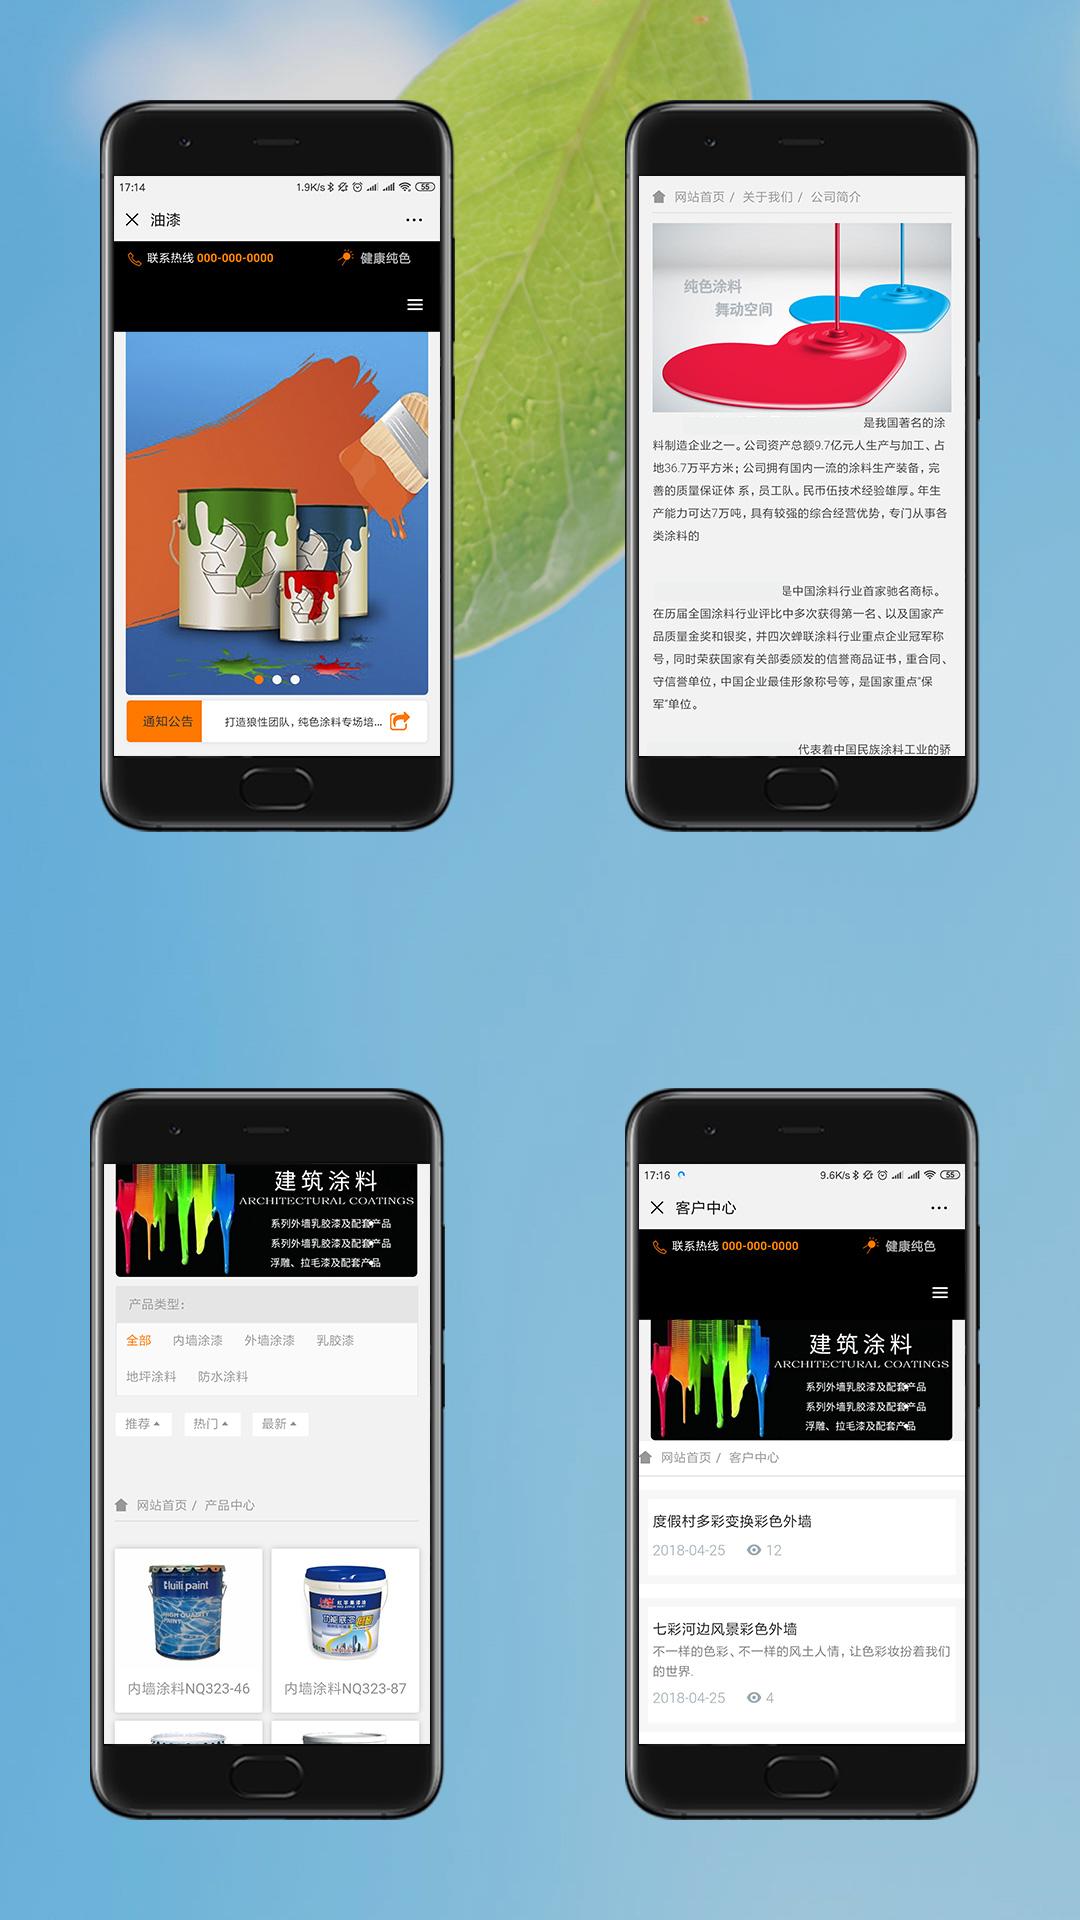 涂料公司手机网站UI界面